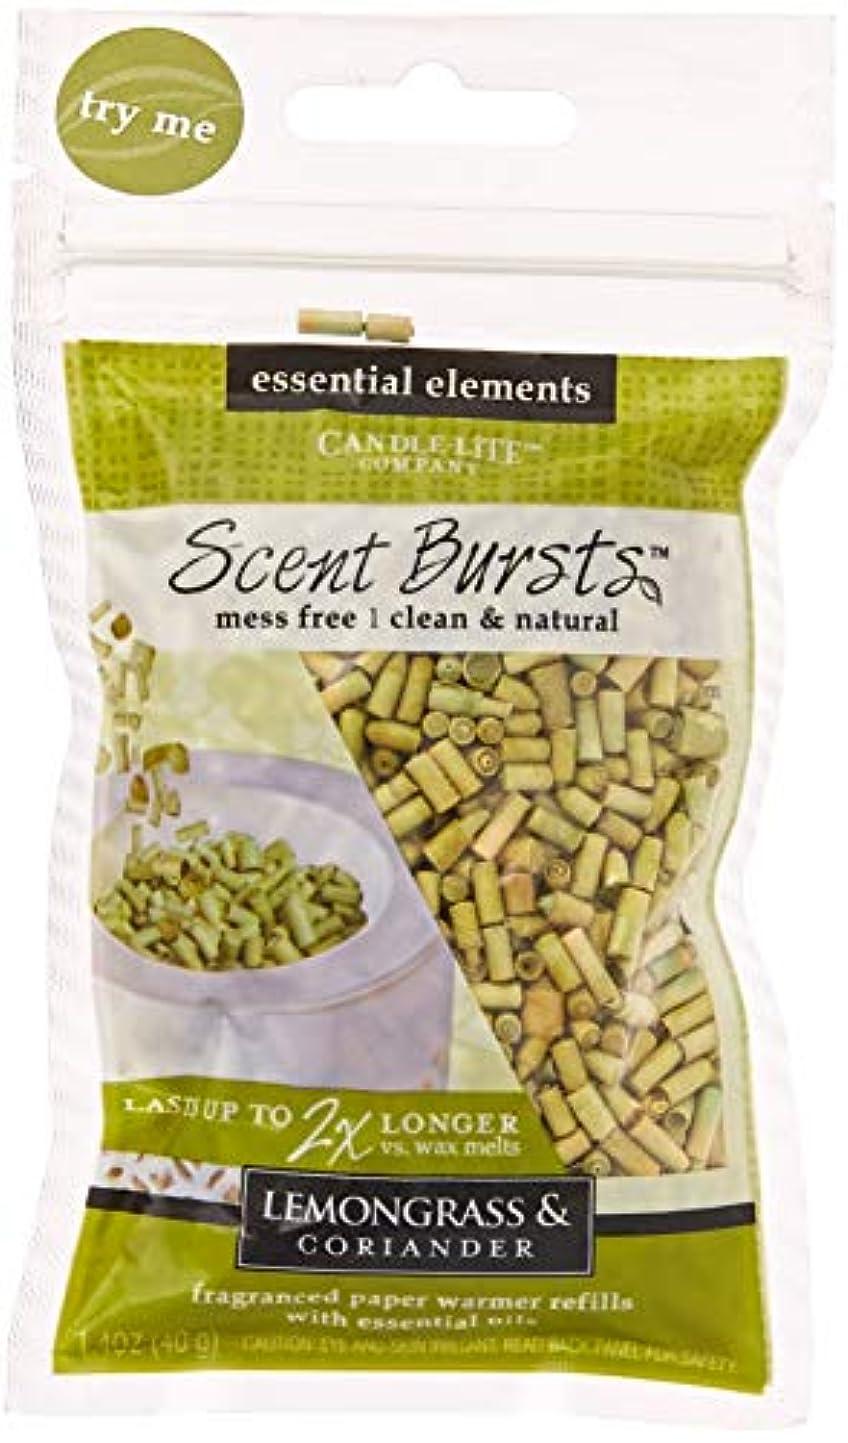 コンプライアンス誠意失礼なcandle-lite Essential要素クリーン&ナチュラル香りバースト用紙Warmer Refillsより2 x長持ちワックス Lemongrass & Coriander 4 Pack グリーン